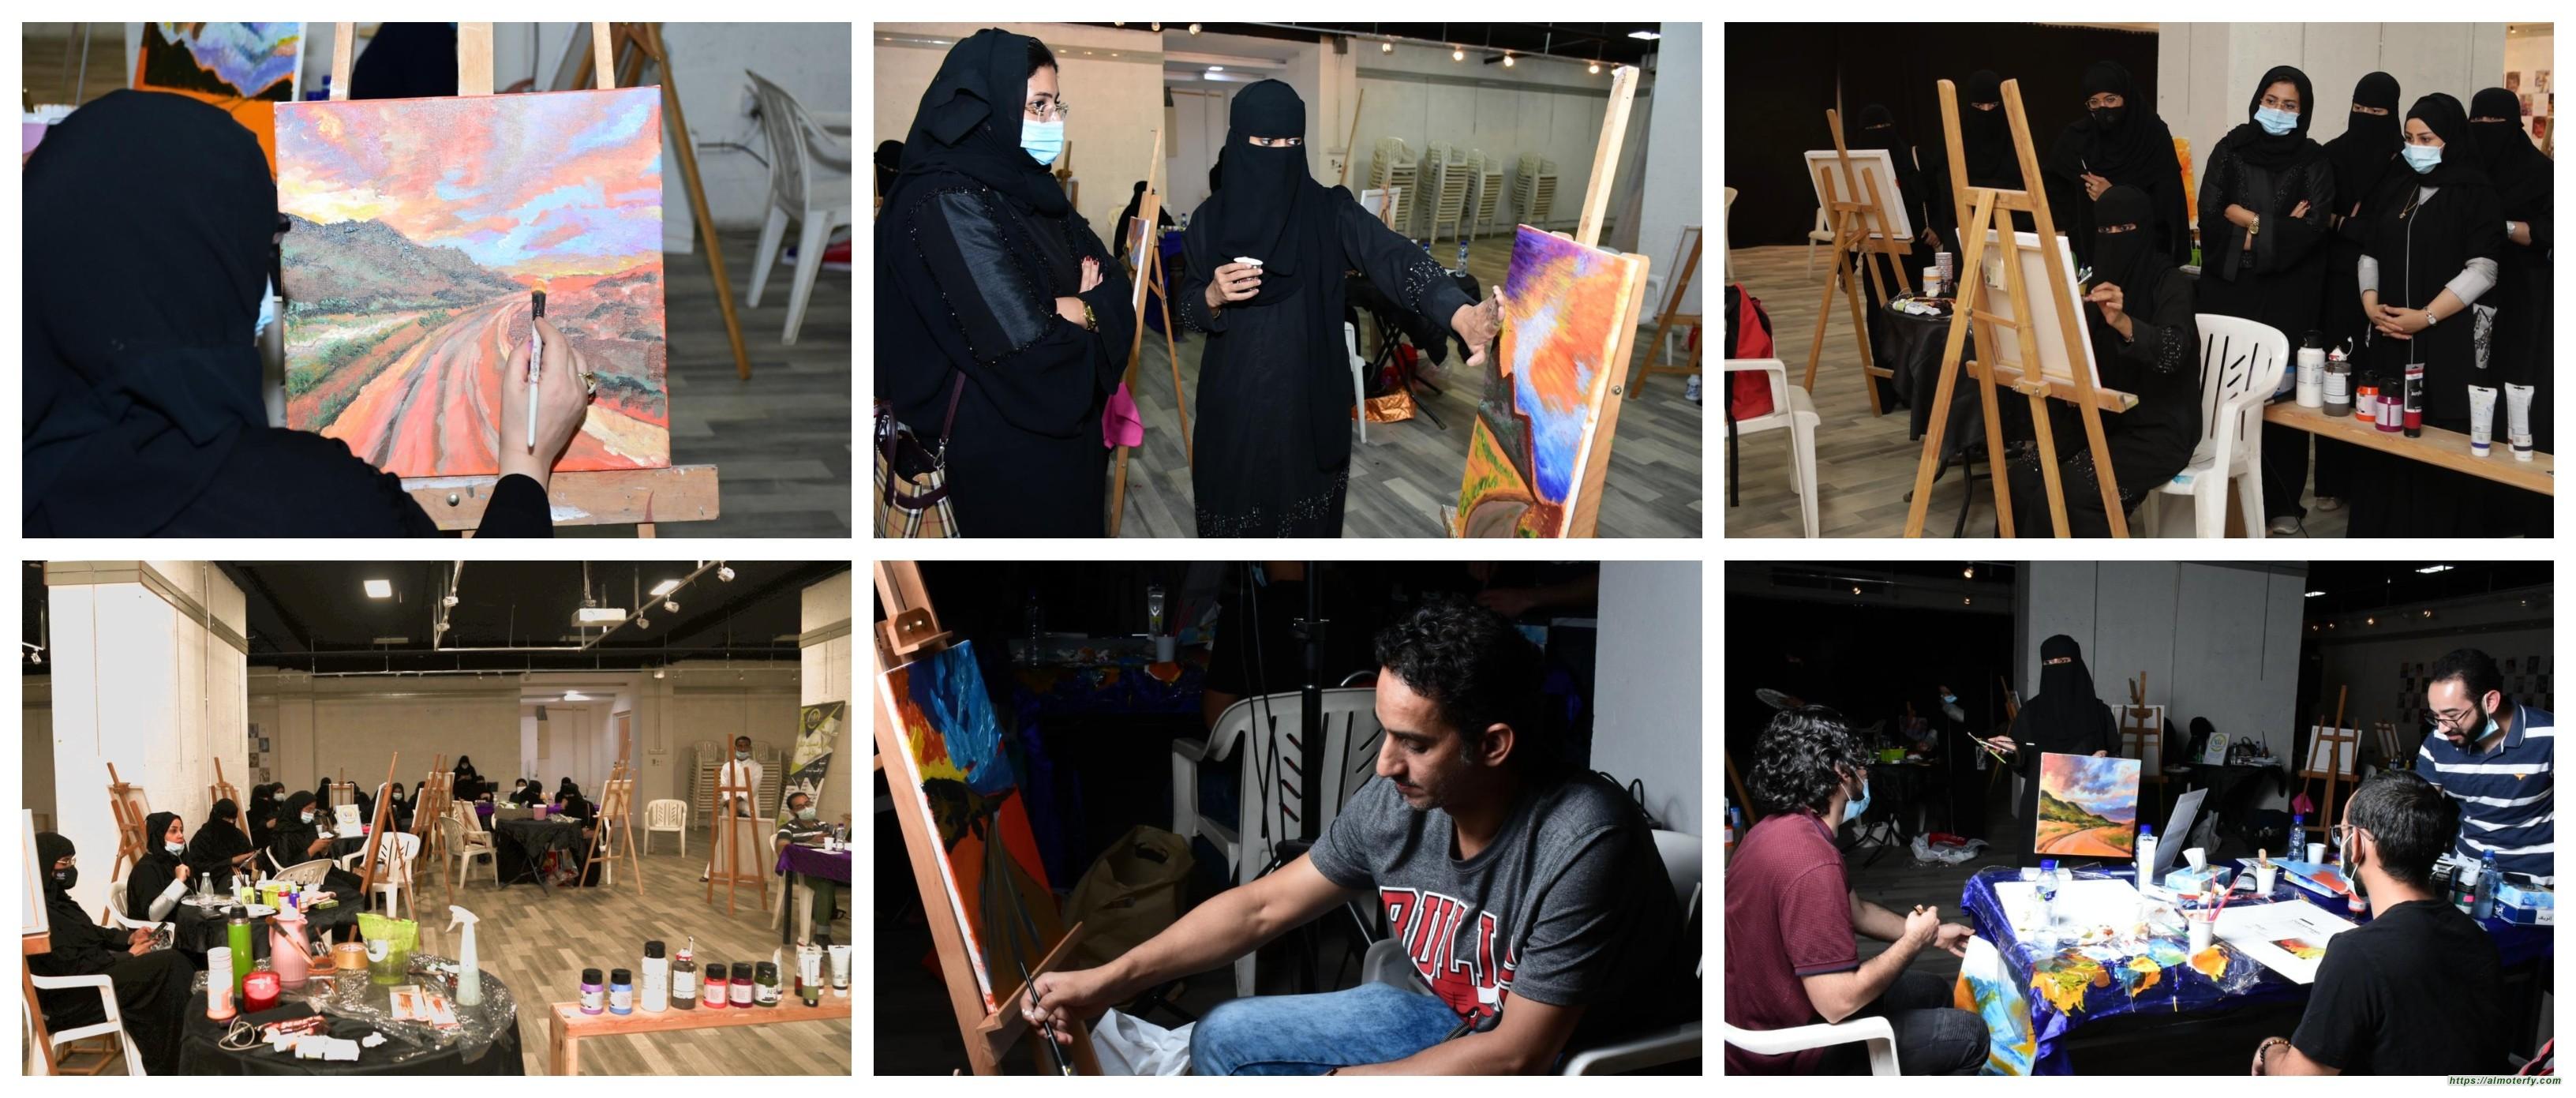 همسات الثقافي وجمعية الثقافة والفنون بالأحساء يقدمان ورشة فن الاكريلك